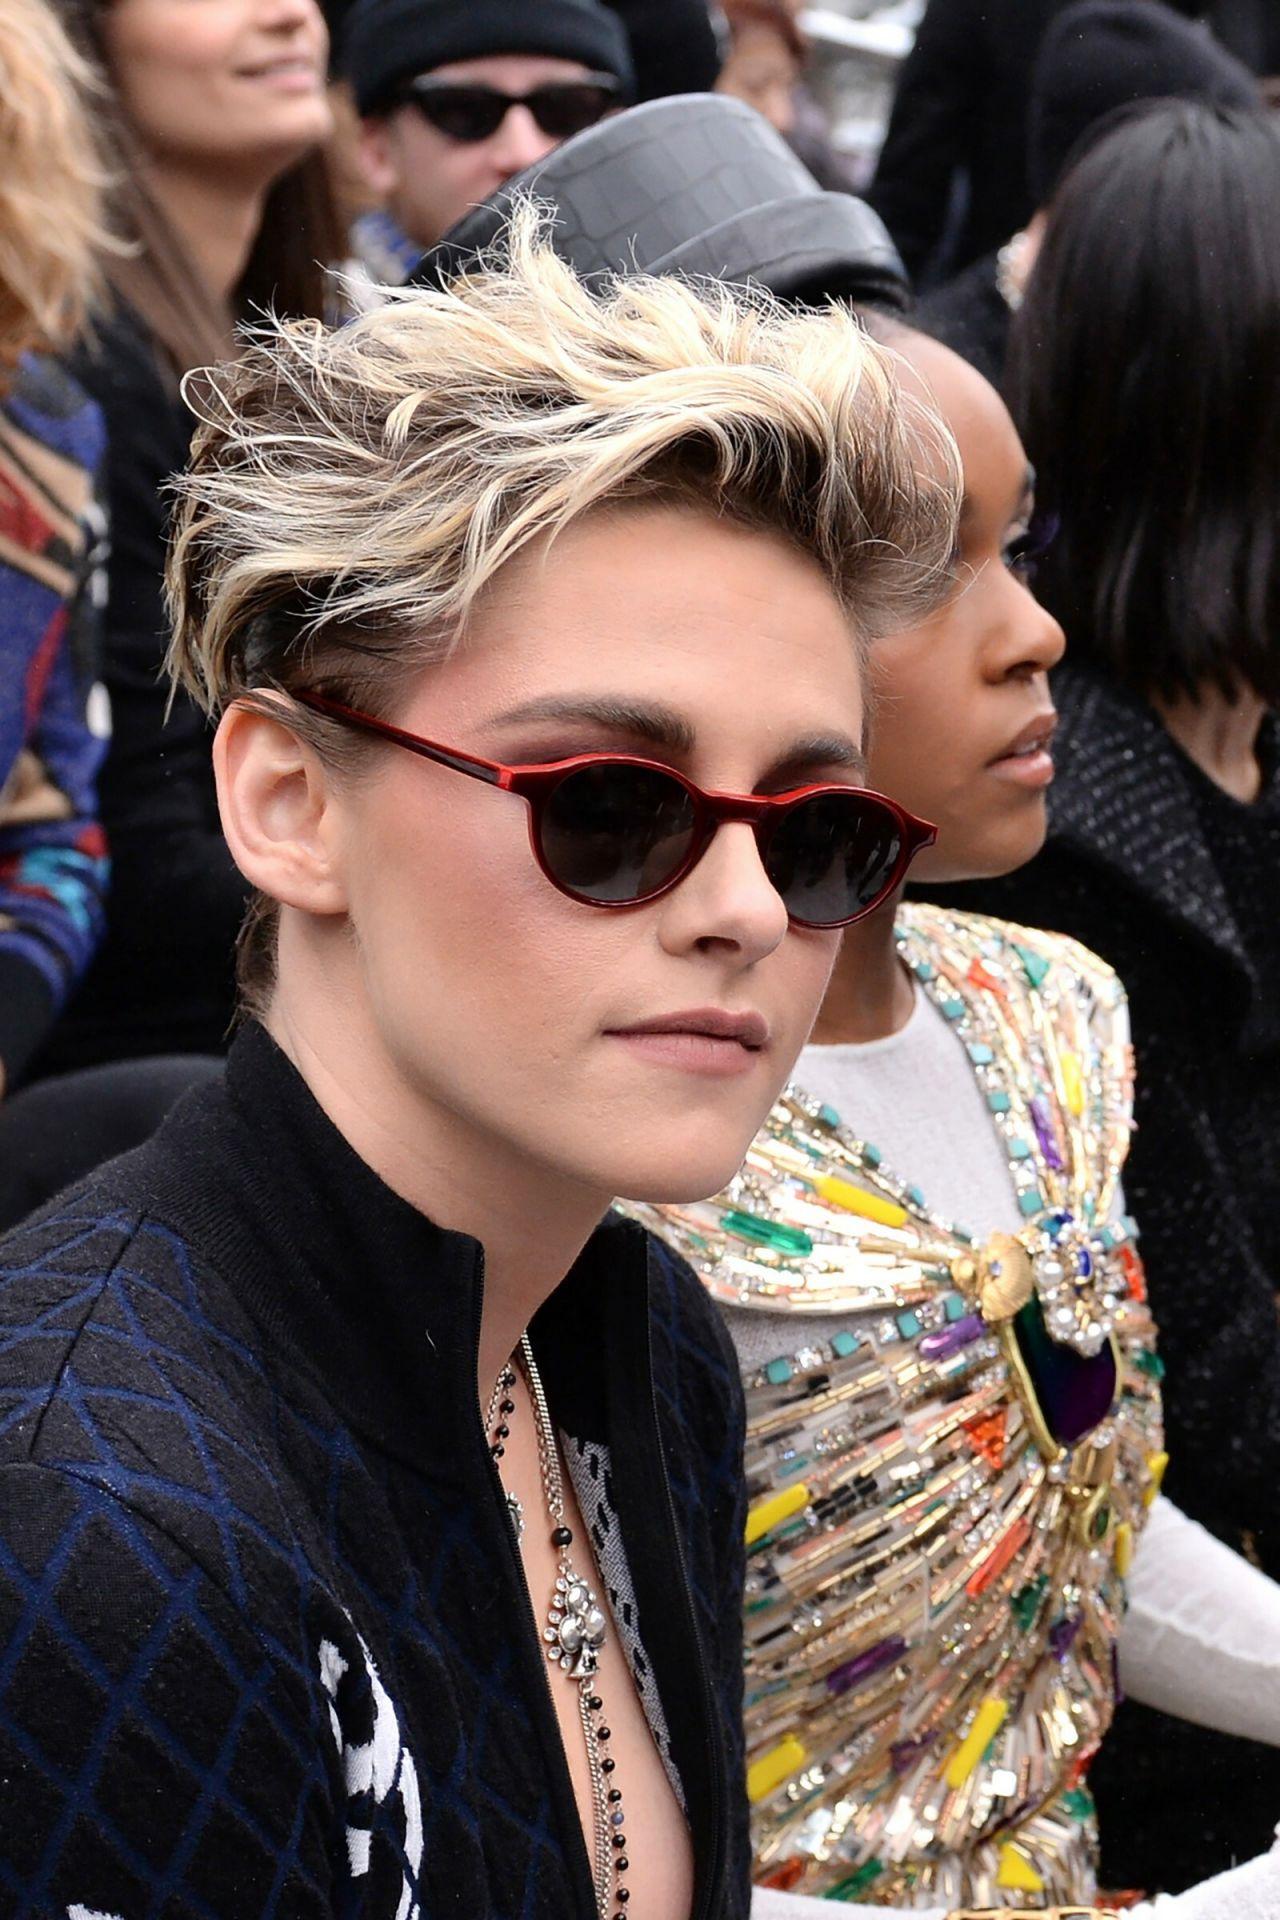 Kristen Stewart Chanel Fashion Show In Paris 03 05 2019